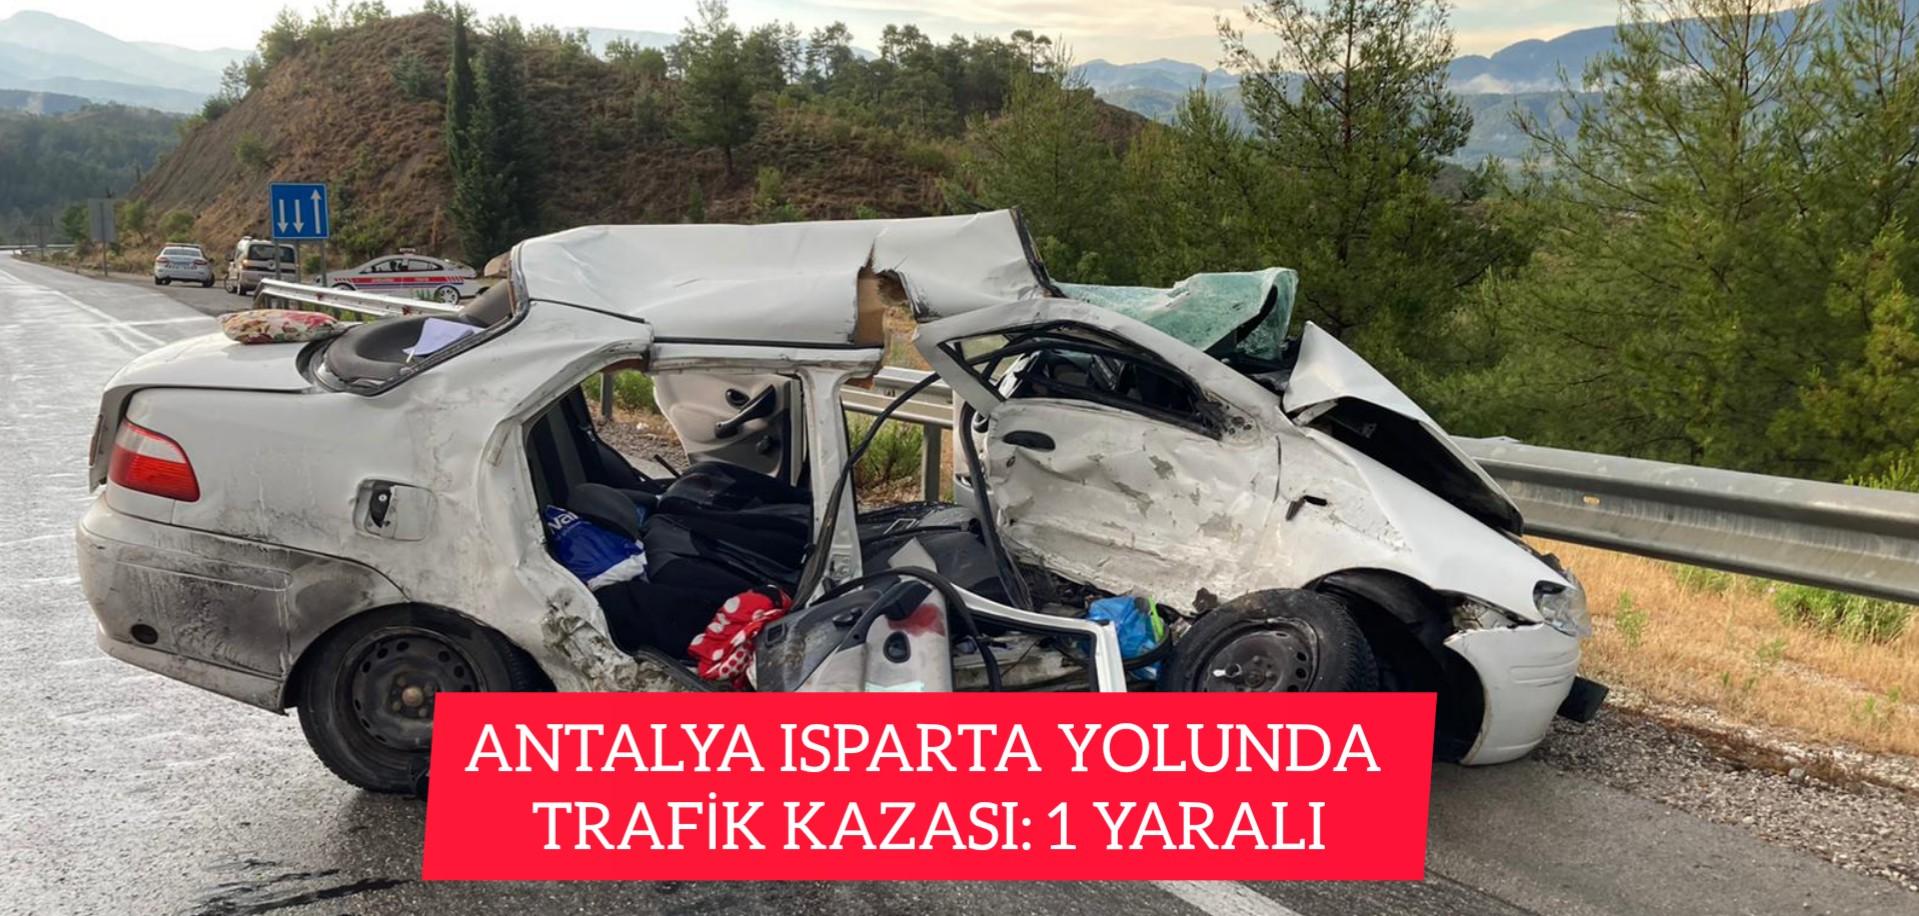 ANTALYA ISPARTA YOLUNDA TRAFİK KAZASI: 1 YARALI